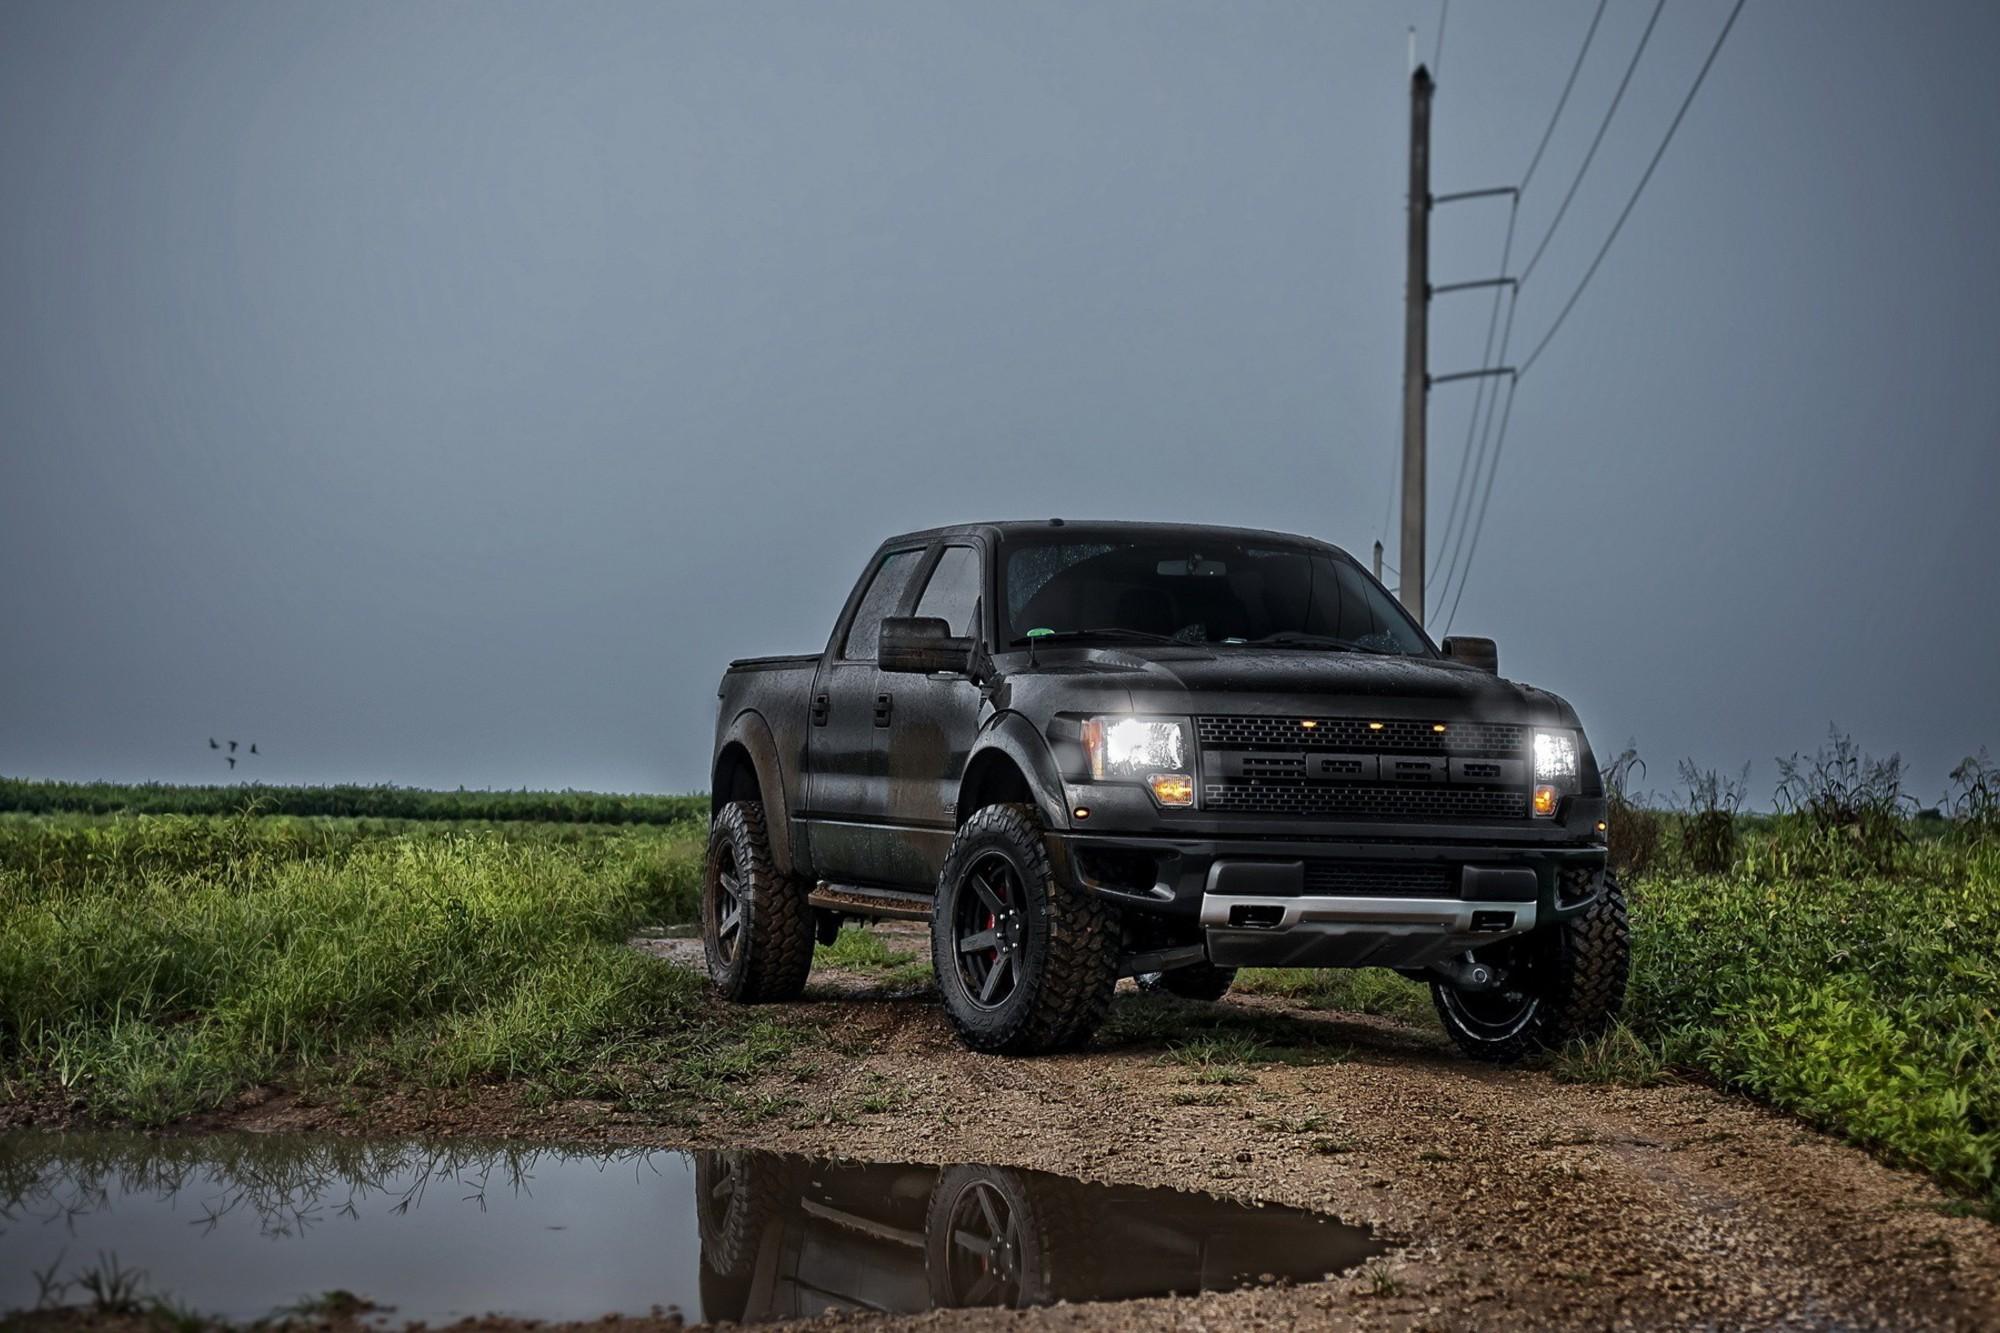 Ford Raptor 2013 Matte Black 2000x1333 Wallpaper Teahub Io